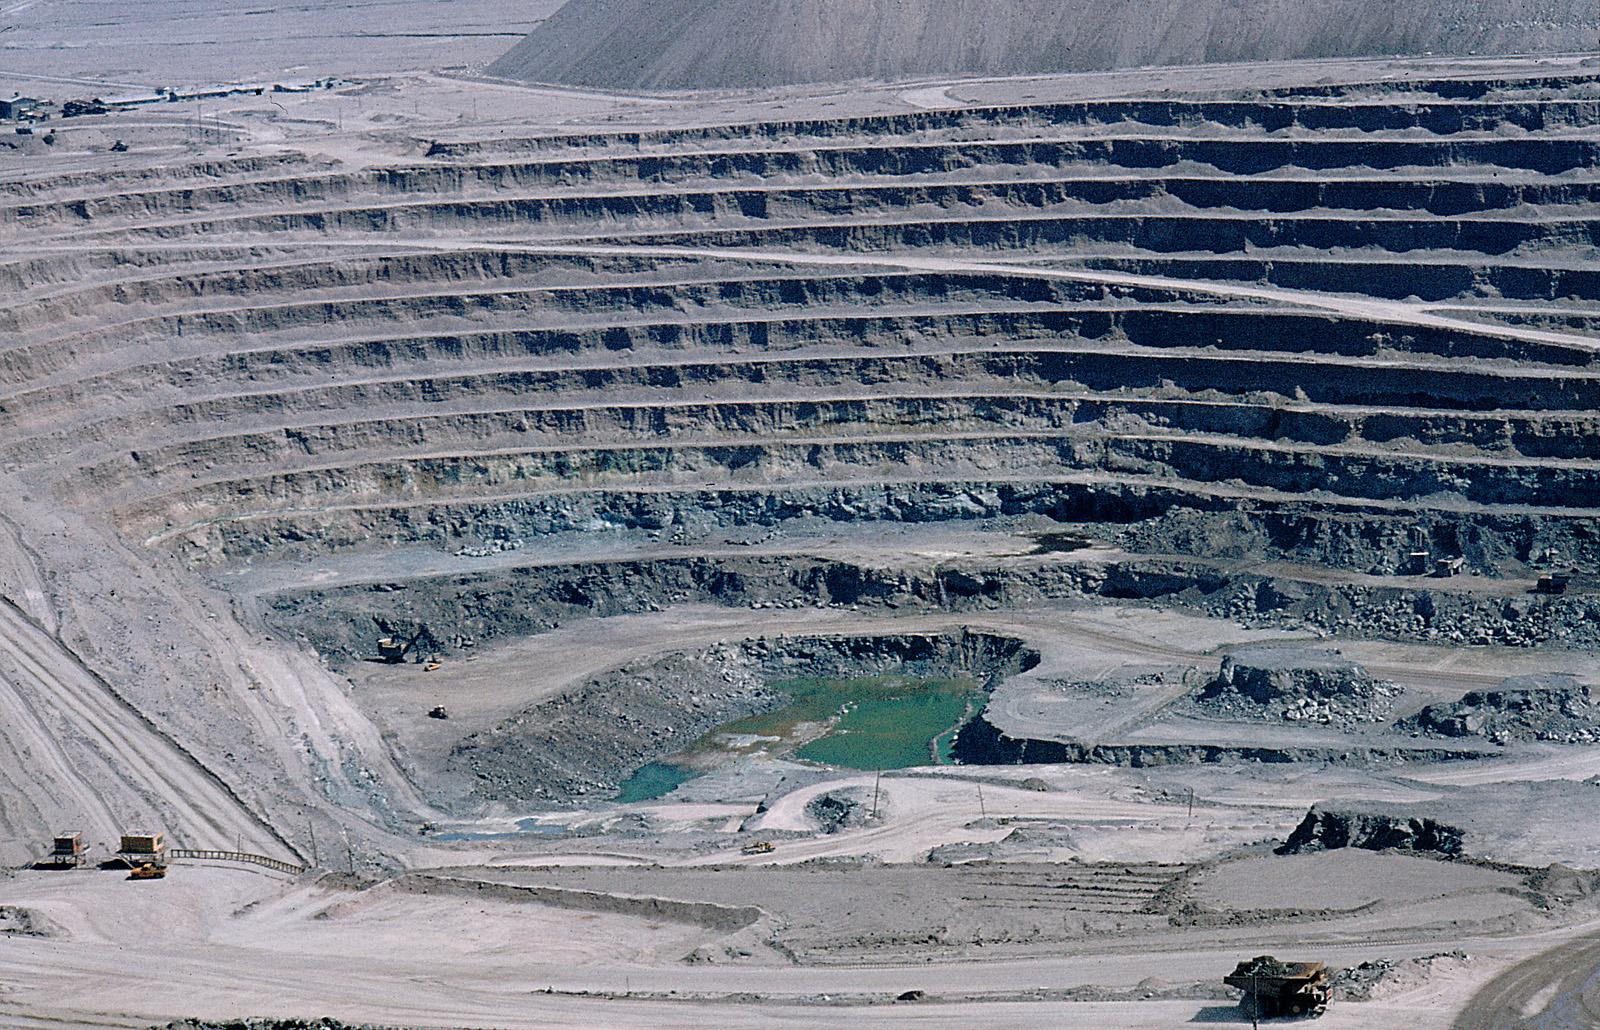 ... MInera de Chile, Geología y Petrología de Sewell y El Teniente